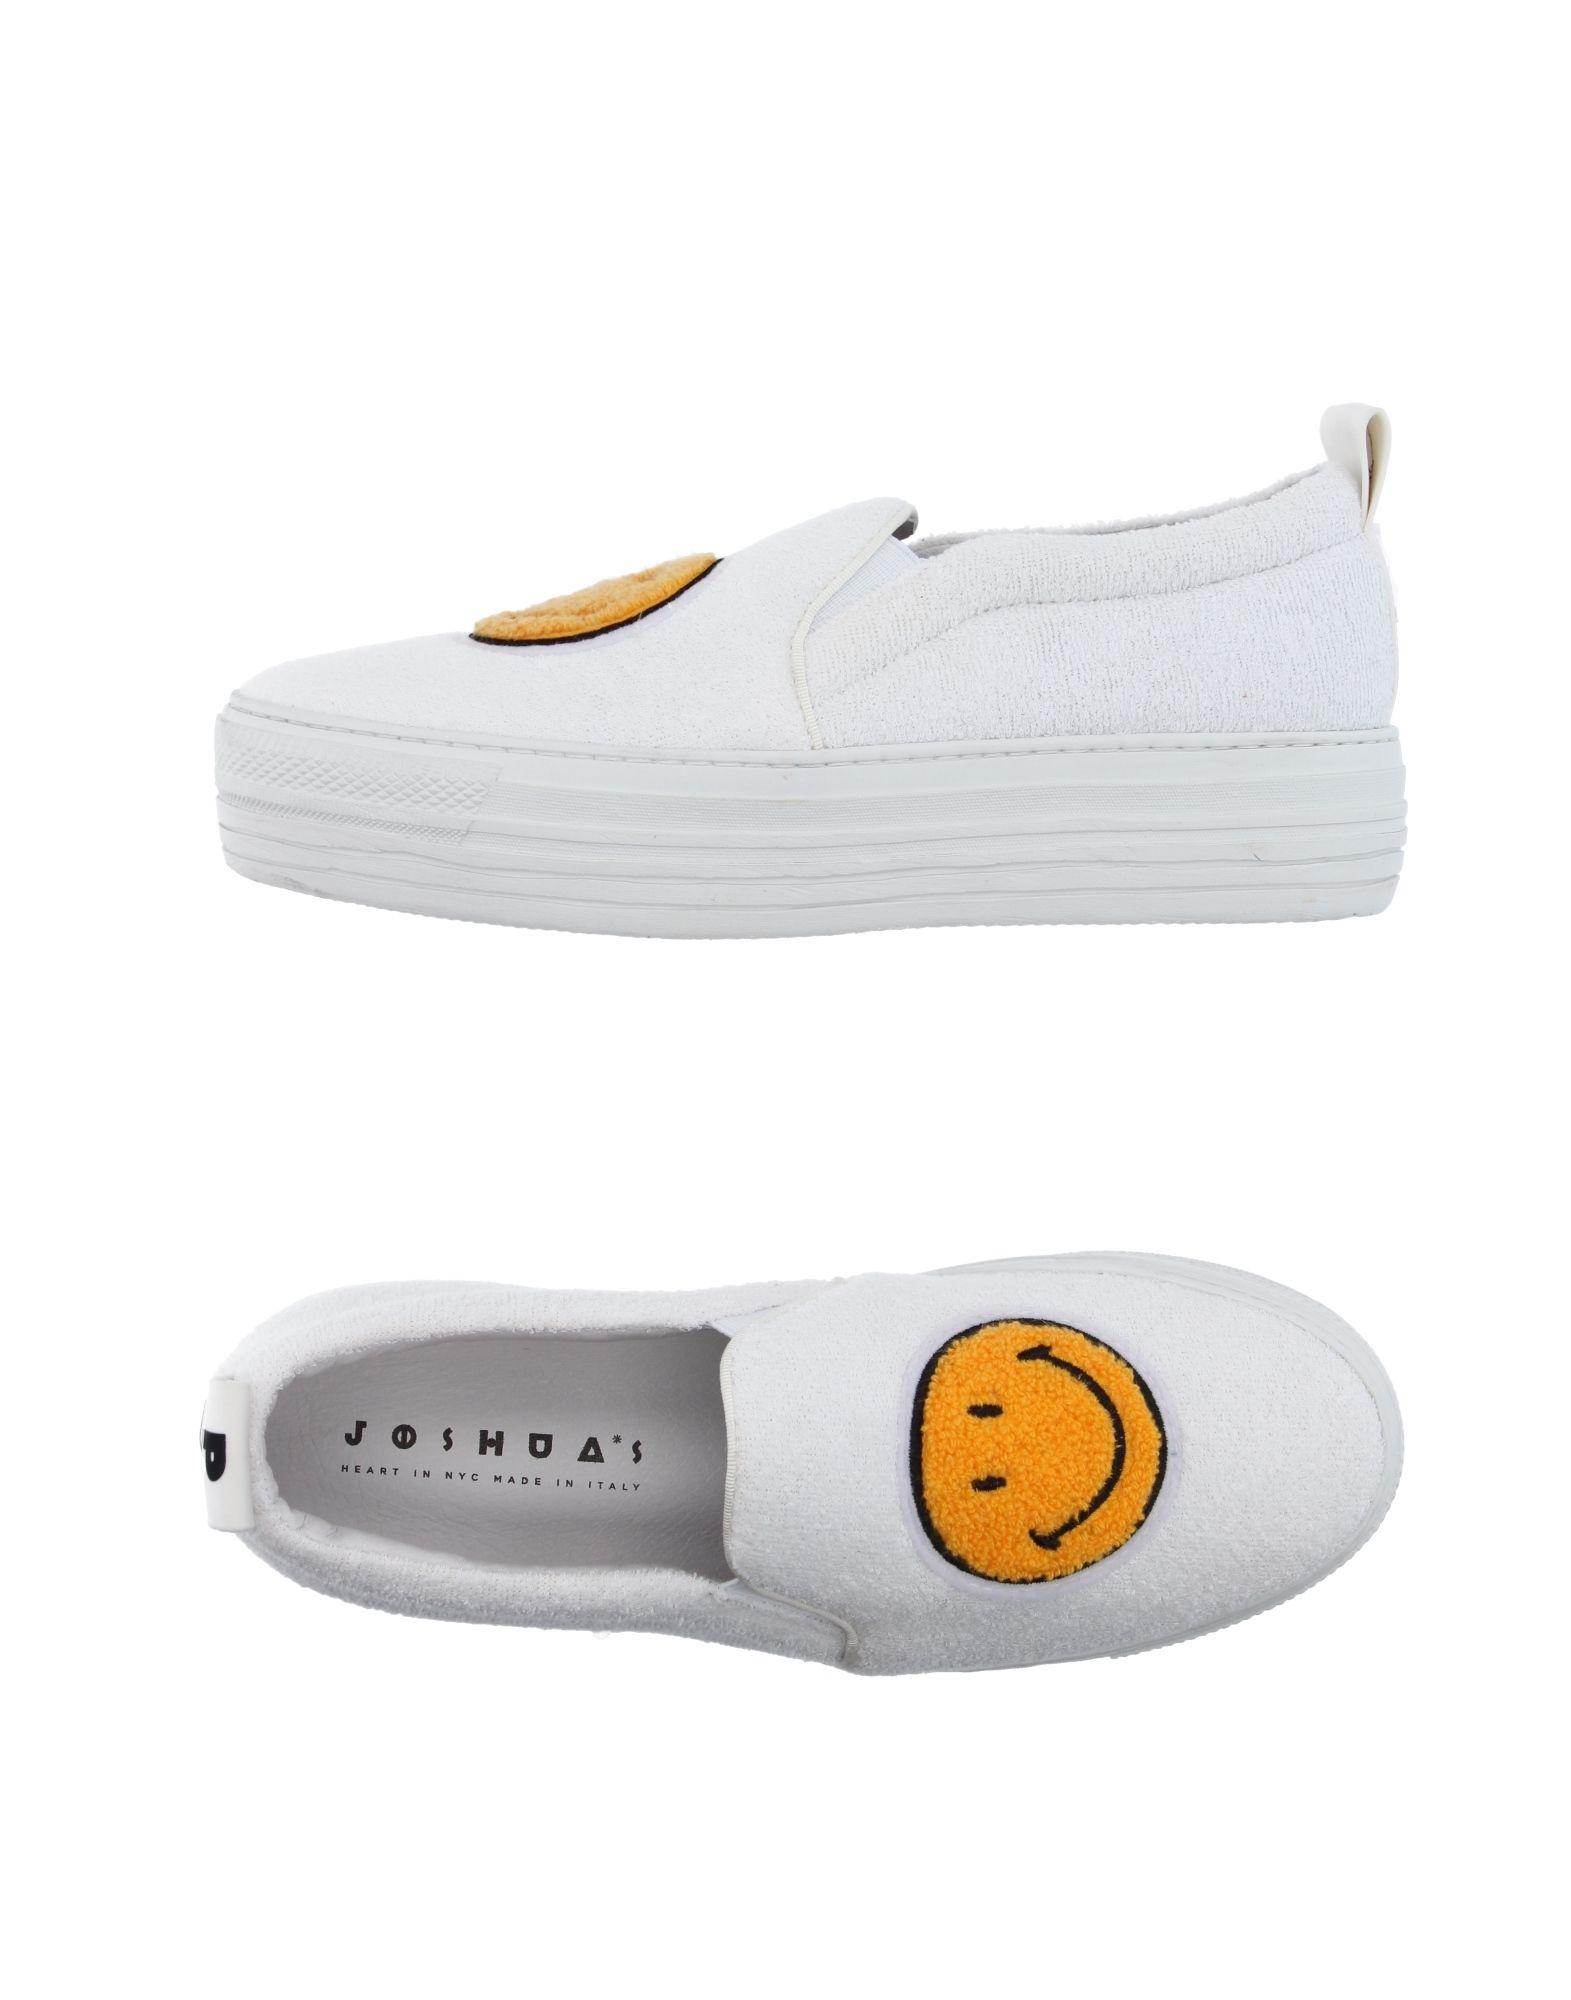 Joshua*S Sneakers Damen  11135376DW Gute Qualität beliebte Schuhe